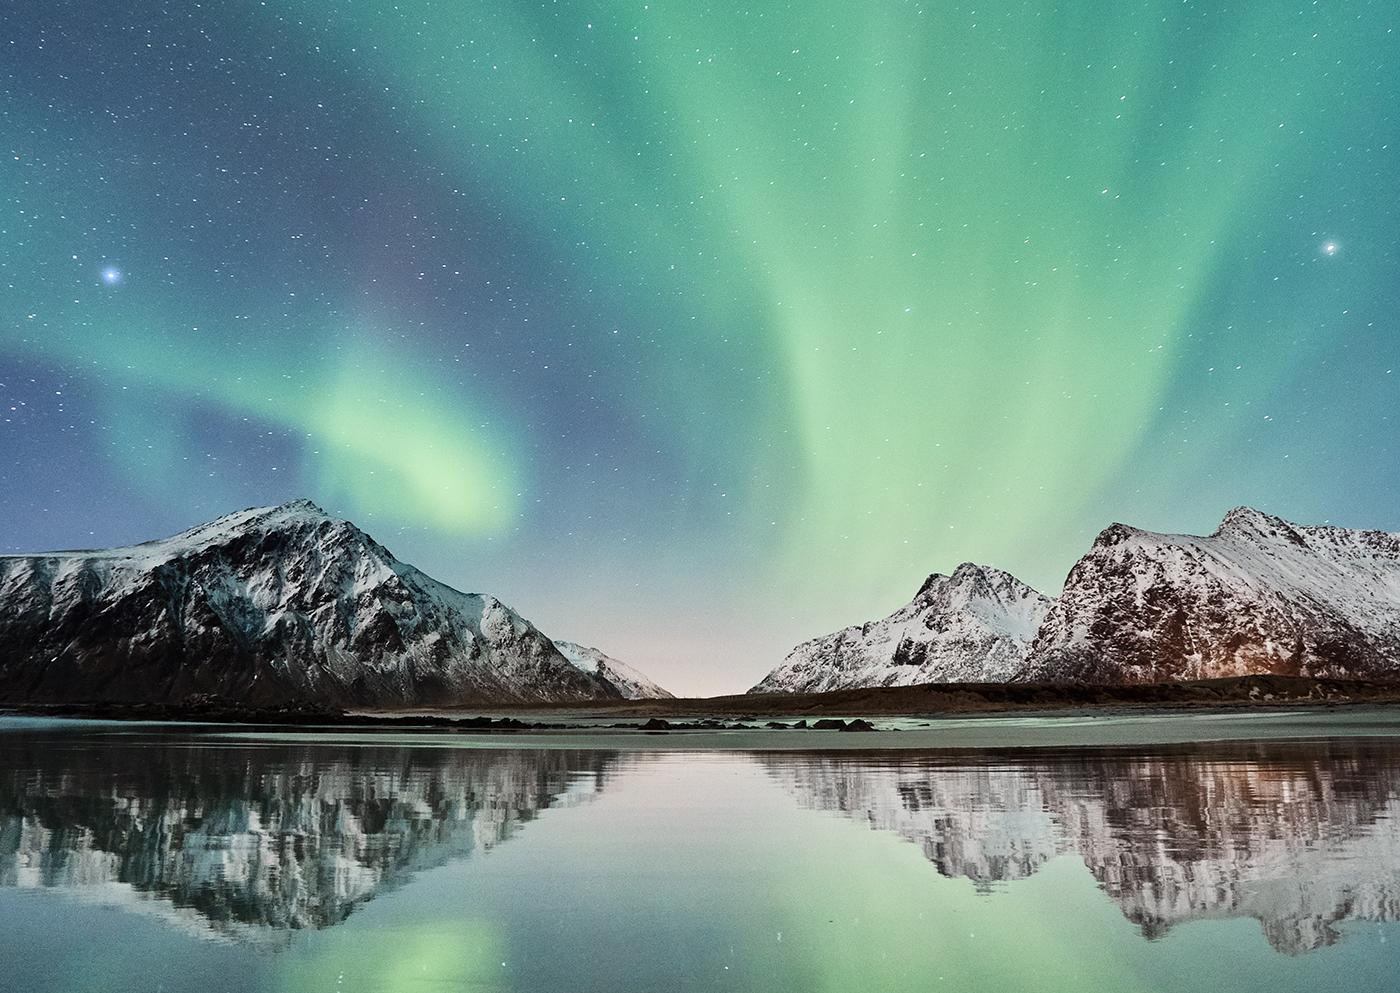 my-wanderlustnotes-5-giorni-alle-lofoten-in-inverno-aurora-boreale